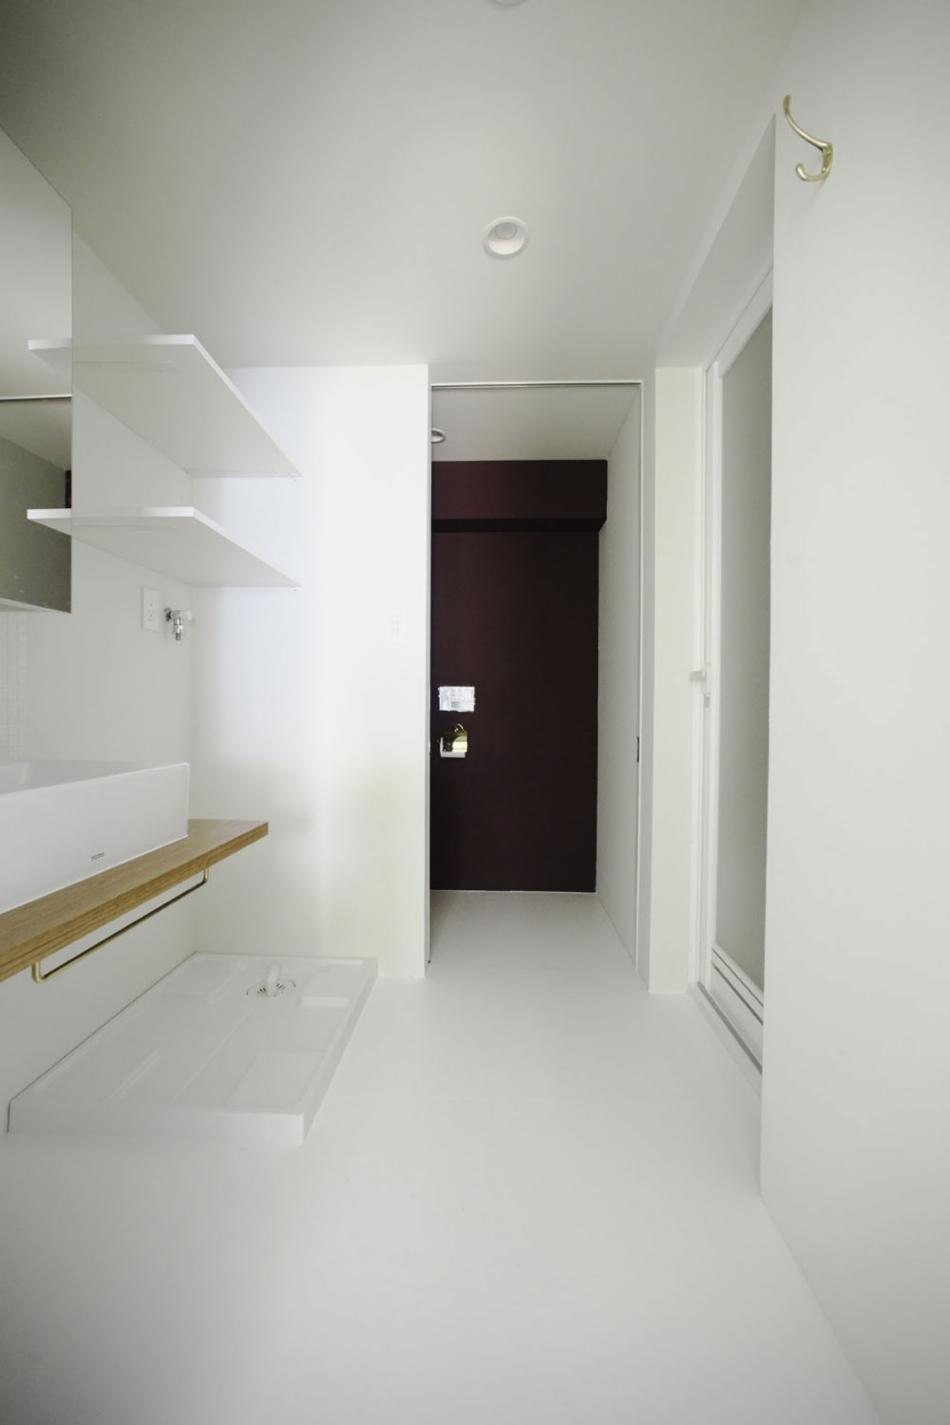 洗面台、脱衣所、浴室、トイレ、引き戸、水回り、動線、ナイン、9